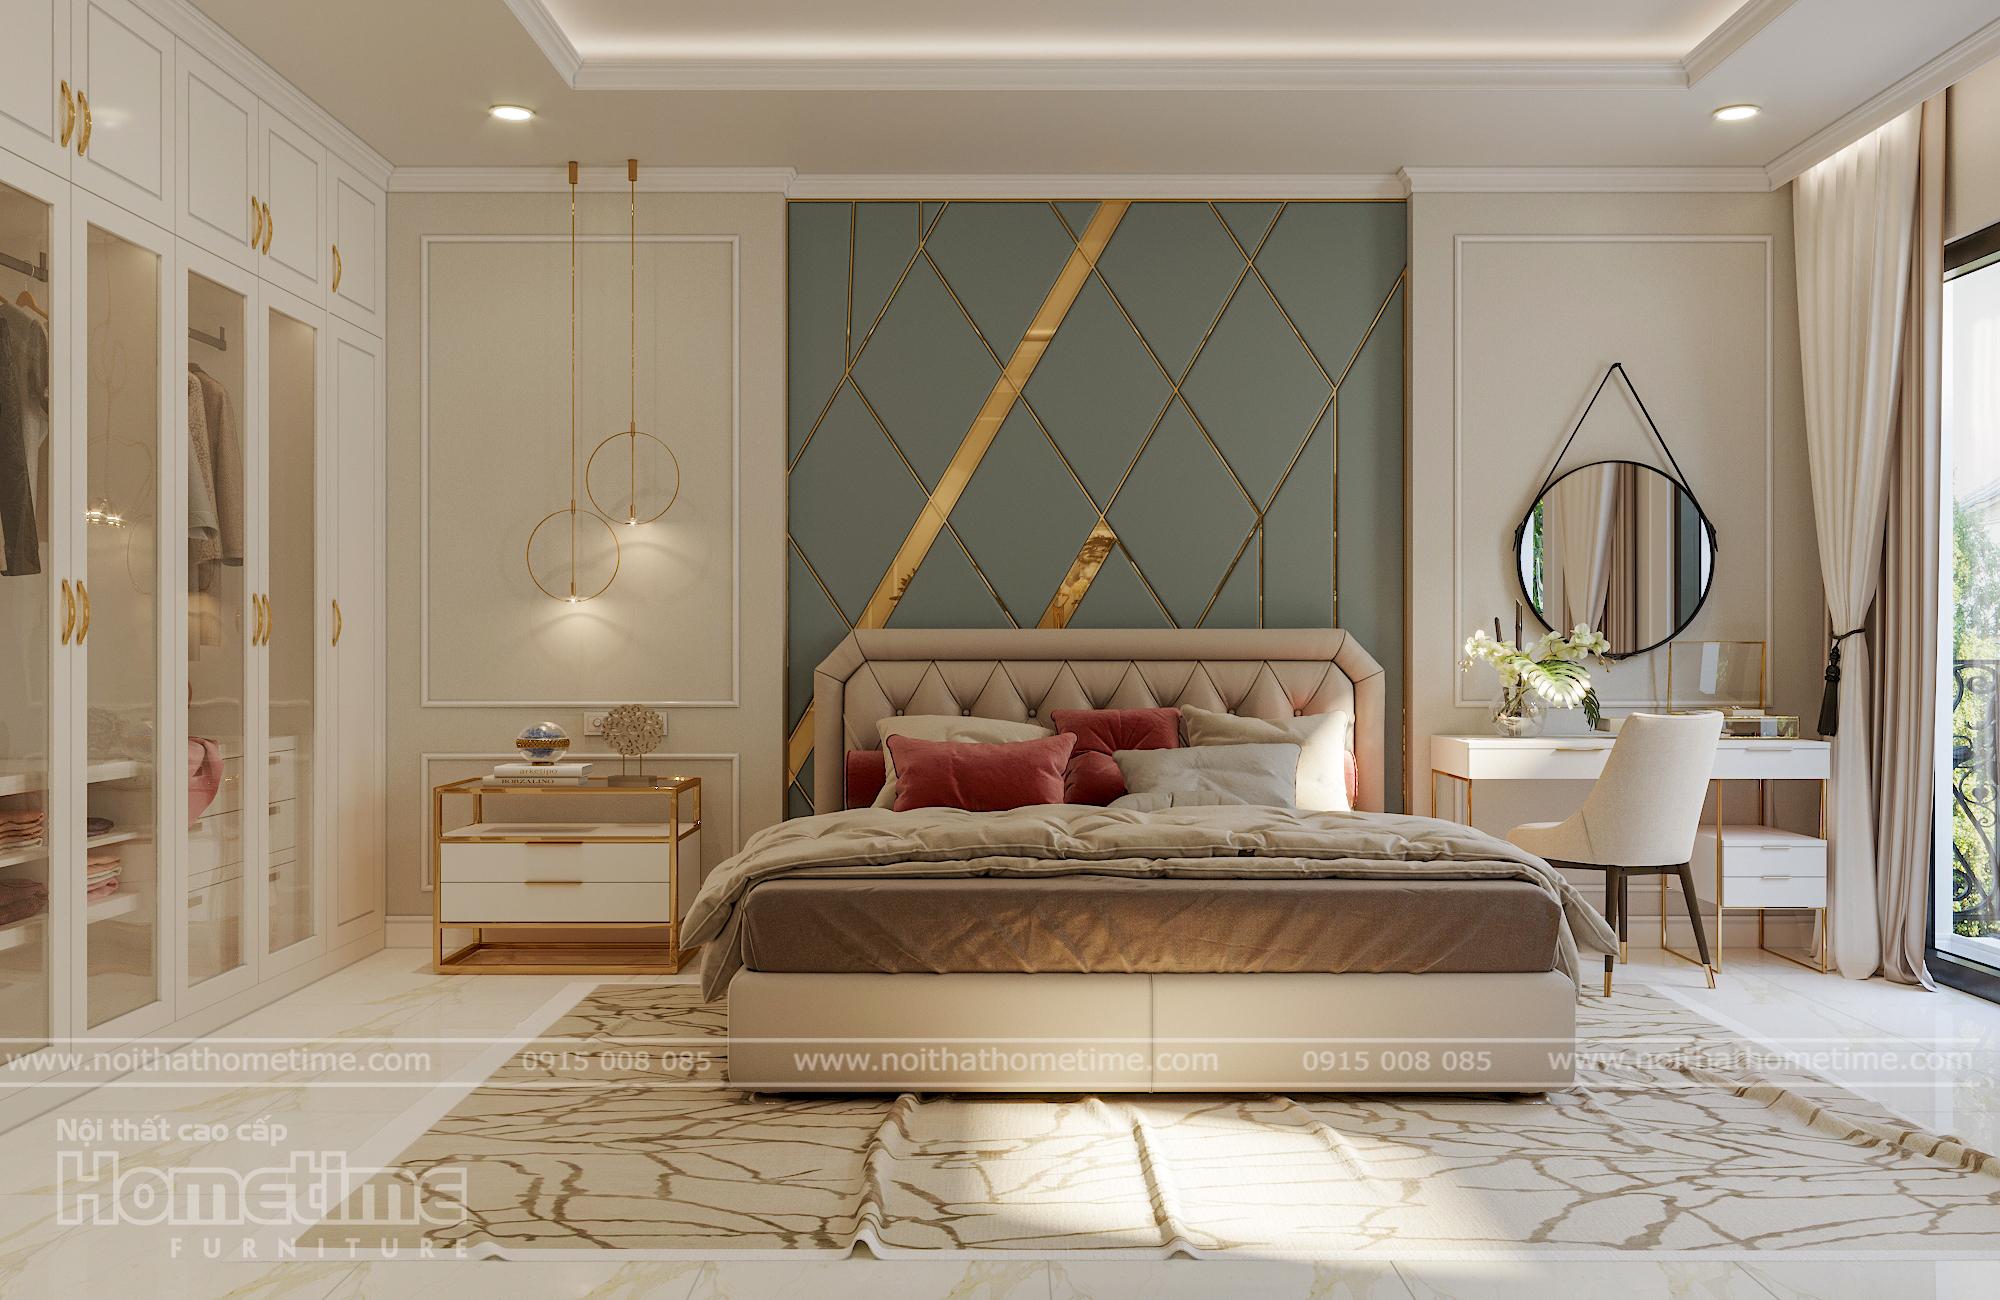 Nội thất phòng ngủ được thiết kế sang trọng hiện đại